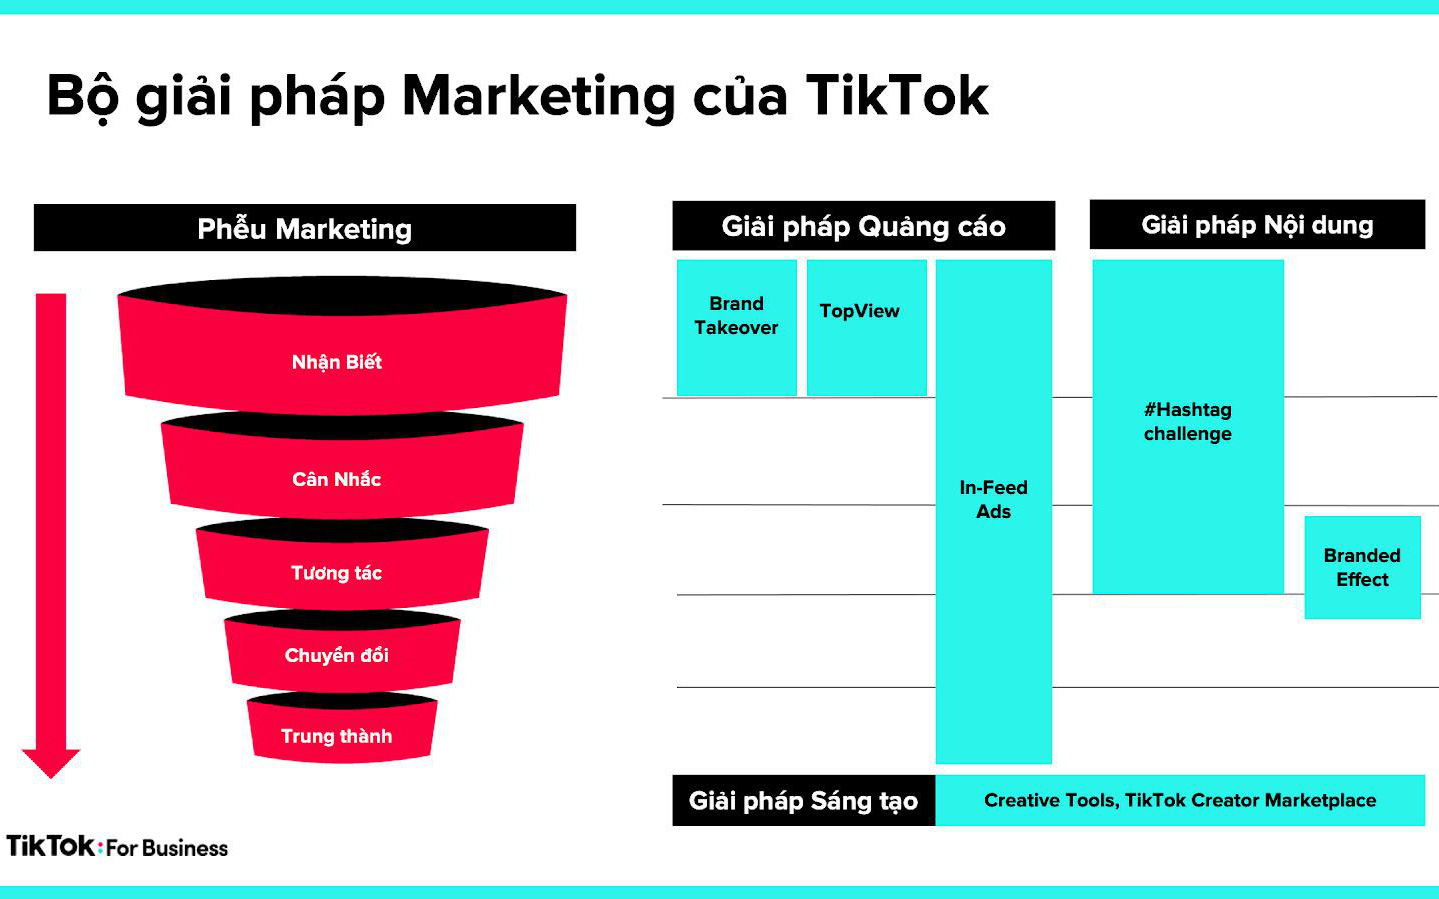 Cùng TikTok đón đầu xu hướng quảng cáo Tết với những hiểu biết thú vị về người dùng